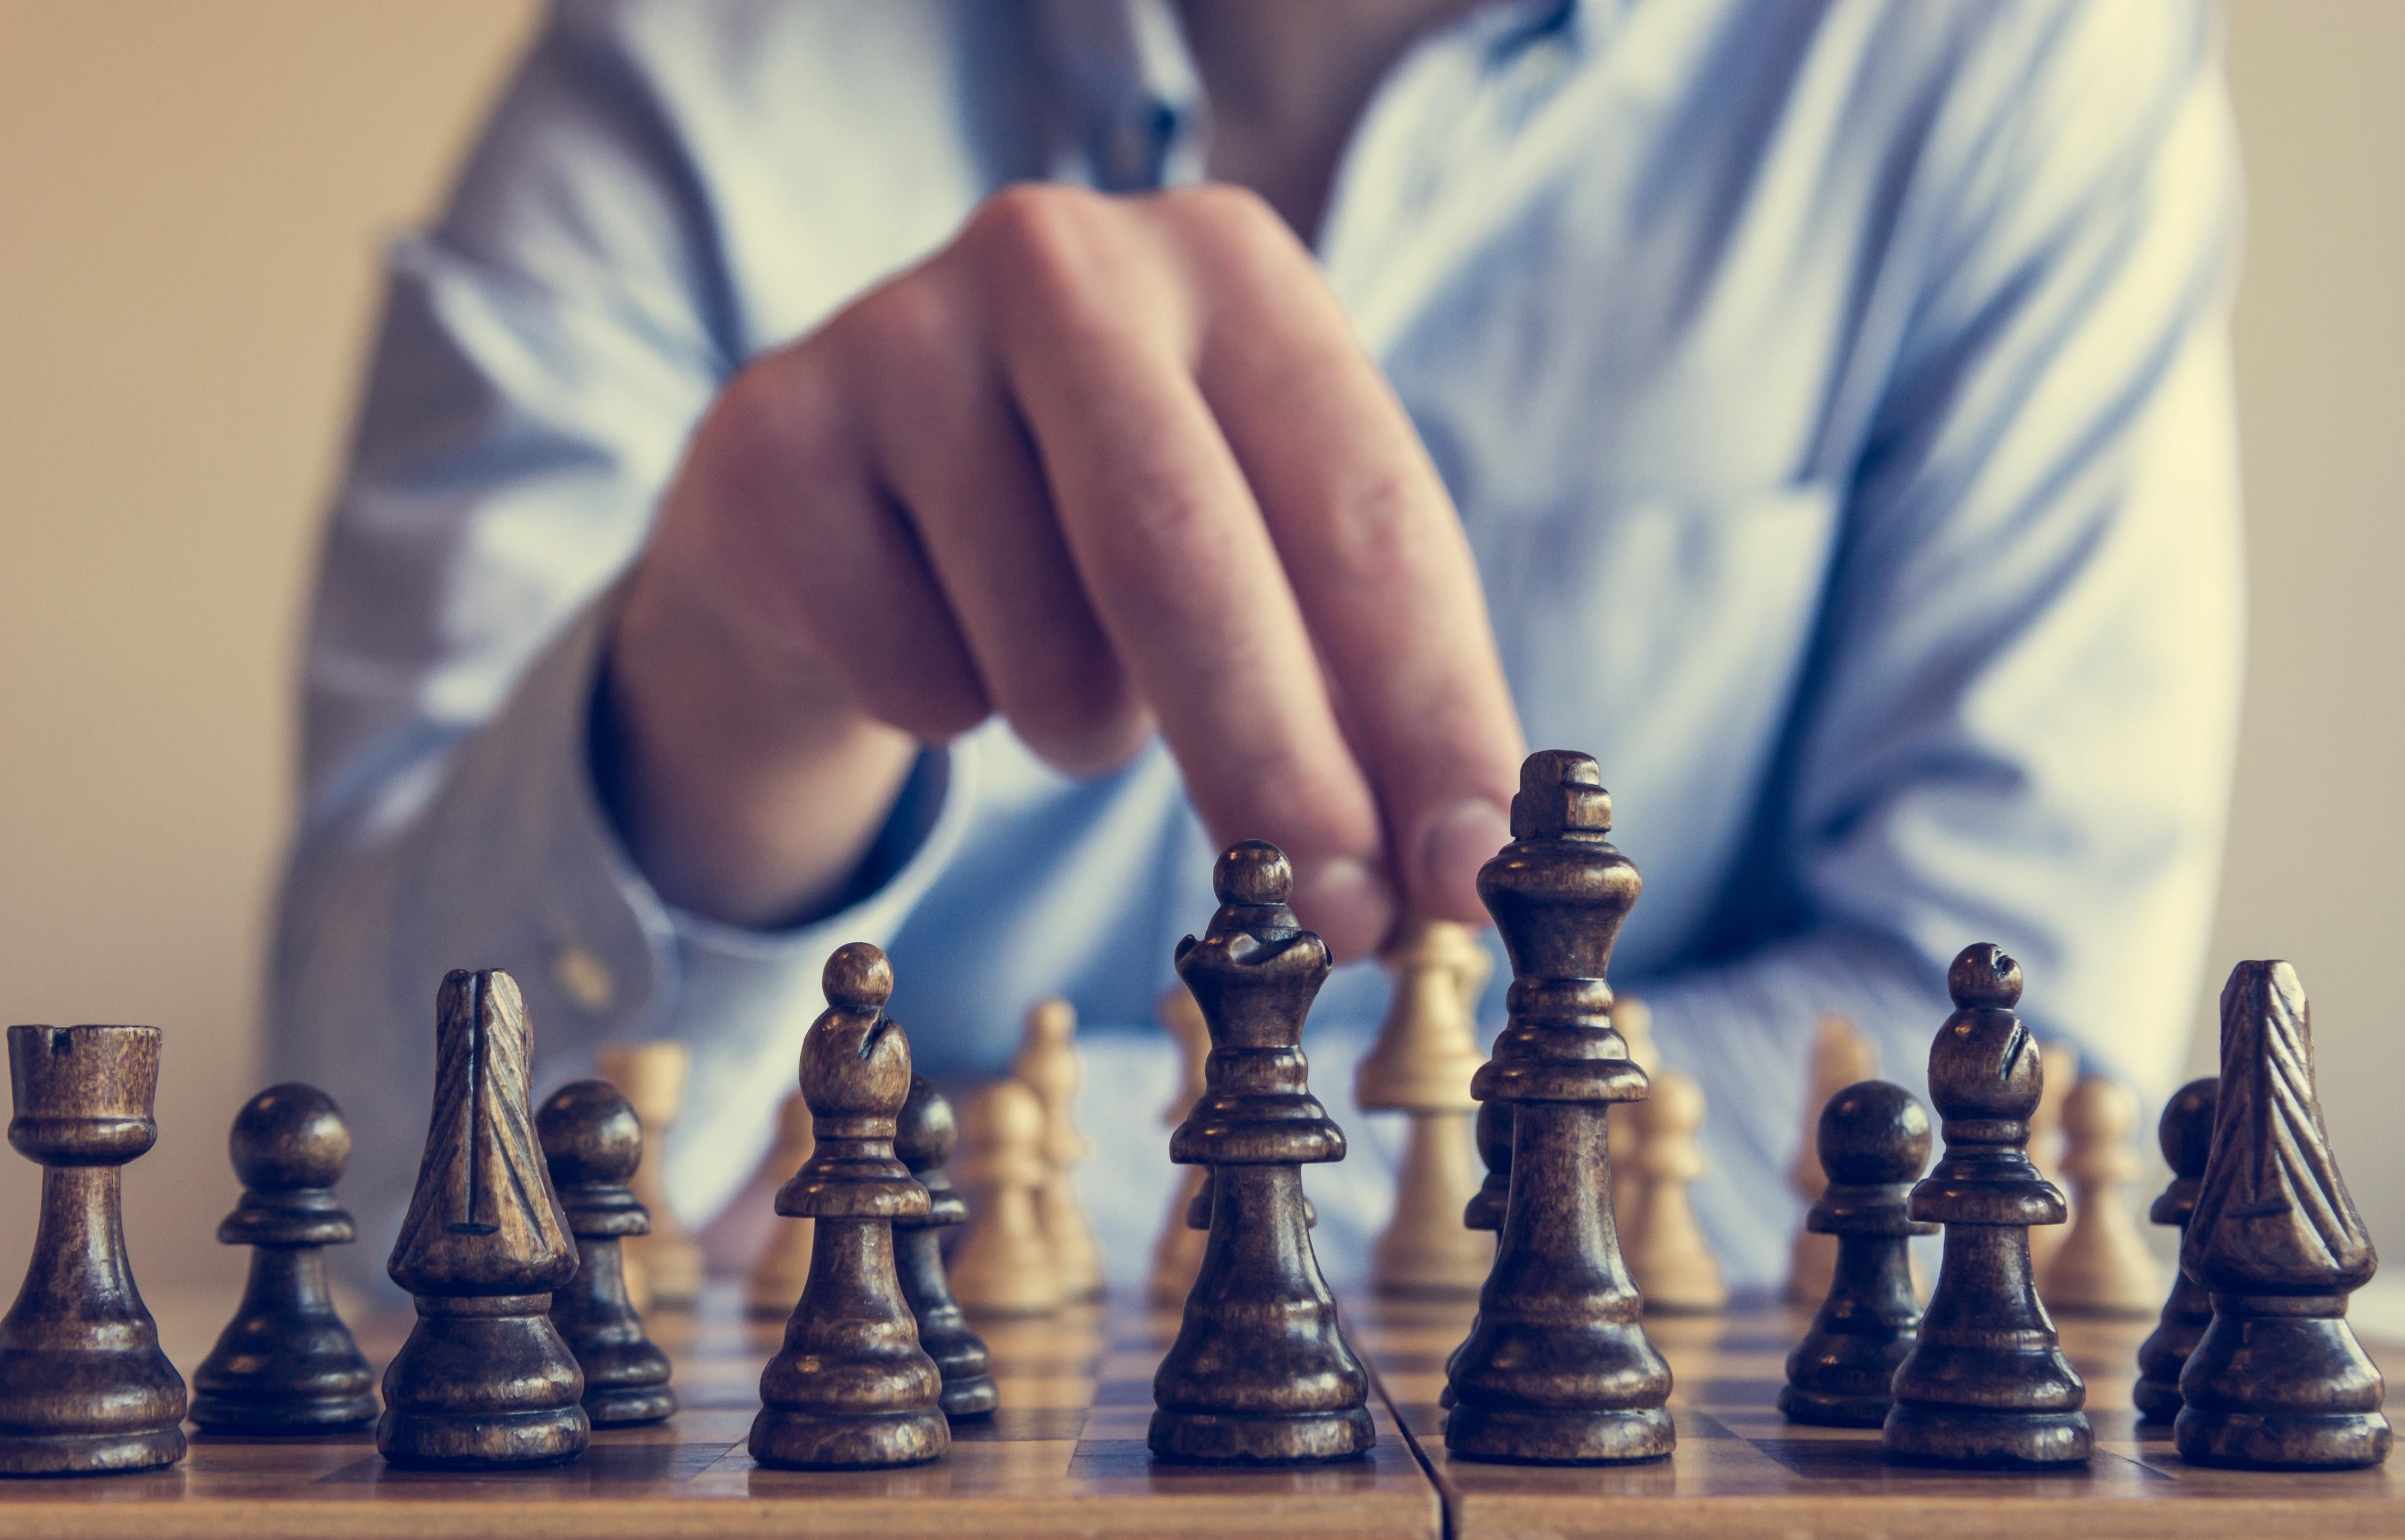 Pourquoi les impacts de nos choix et décisions peuvent être lourds de conséquences?